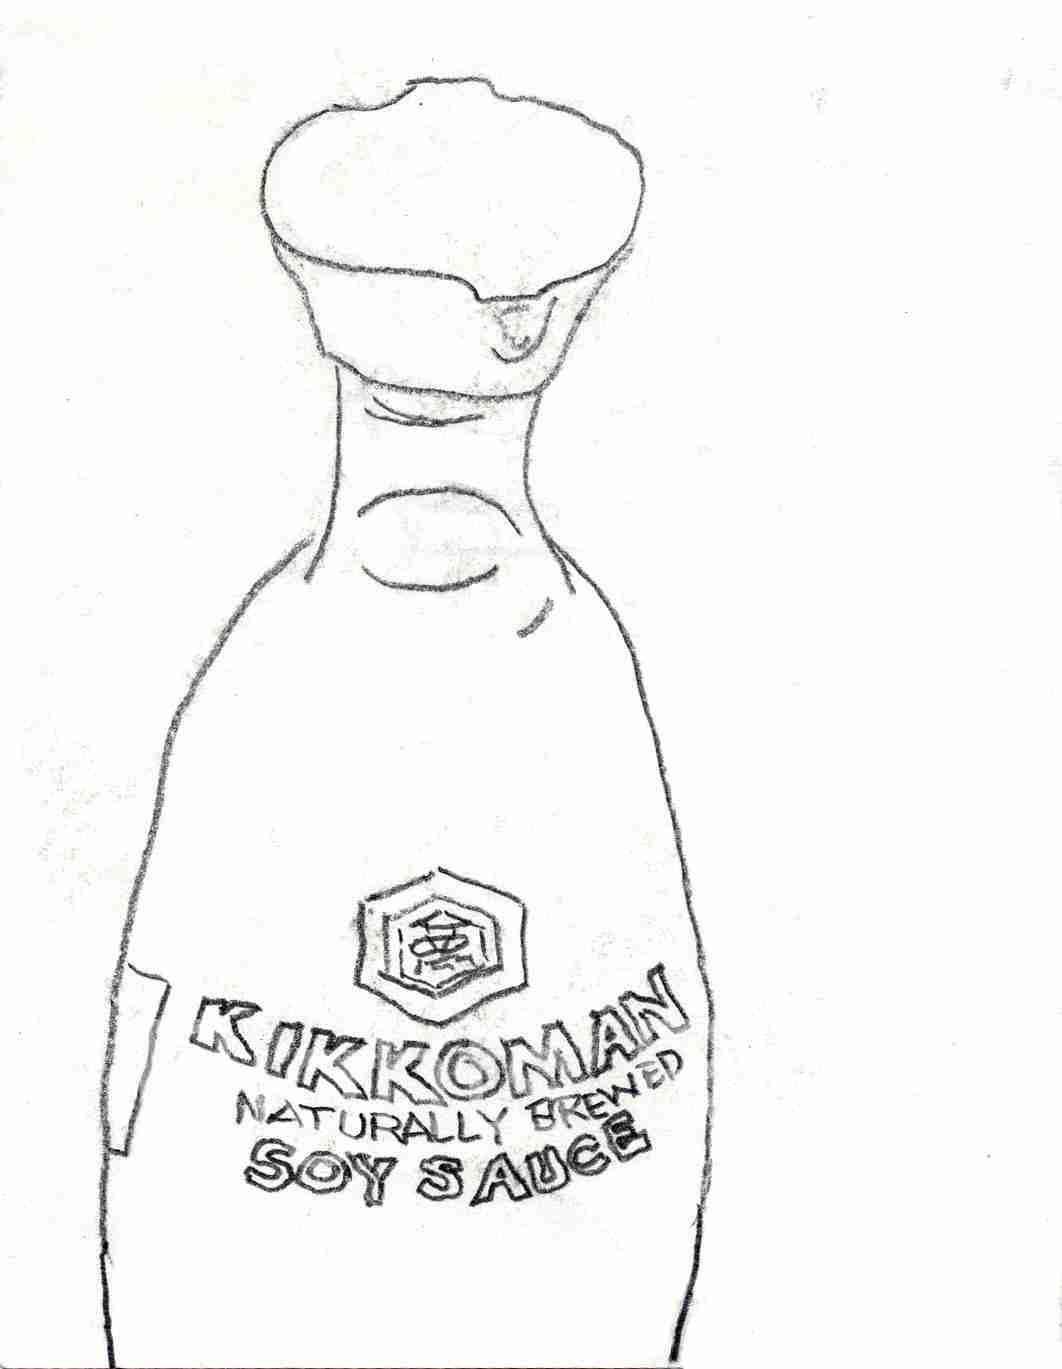 Kikkoman bottle contour line drawing